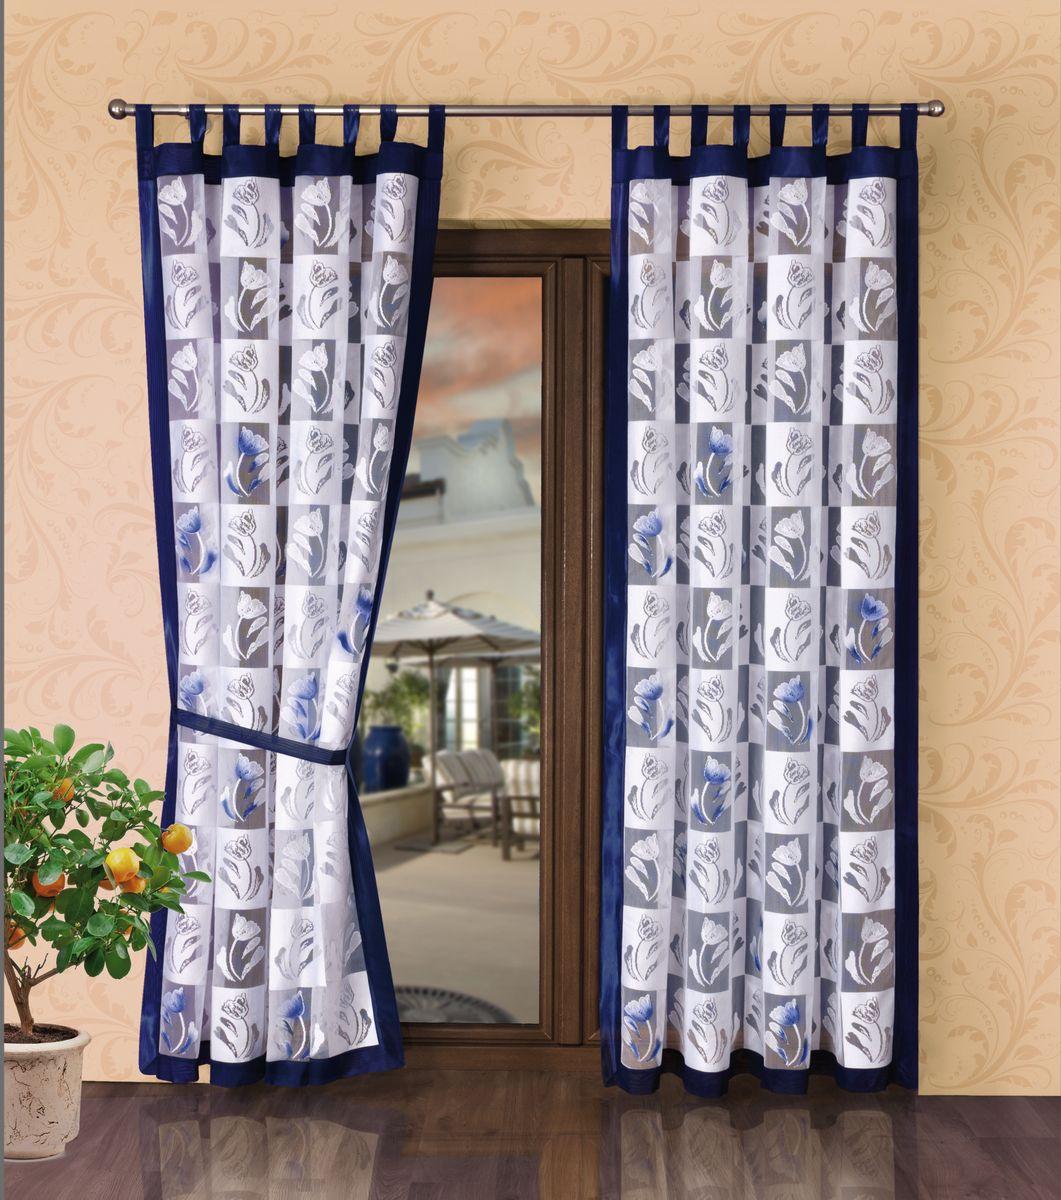 Комплект штор Wisan Zaslony, на петлях, цвет: белый, синий, высота 245 см1525Комплект штор Wisan Zaslony, выполненный из полиэстера, великолепно украсит любое окно. В комплект входят 2 тюлевые шторы на петлях и 2 подхвата.Оригинальный и яркий дизайн придает комплекту особый стиль и шарм. Качественный материал и тонкое плетение, нежная цветовая гамма и роскошное исполнение - все это делает шторы Wisan Zaslony замечательным дополнением интерьера помещения.